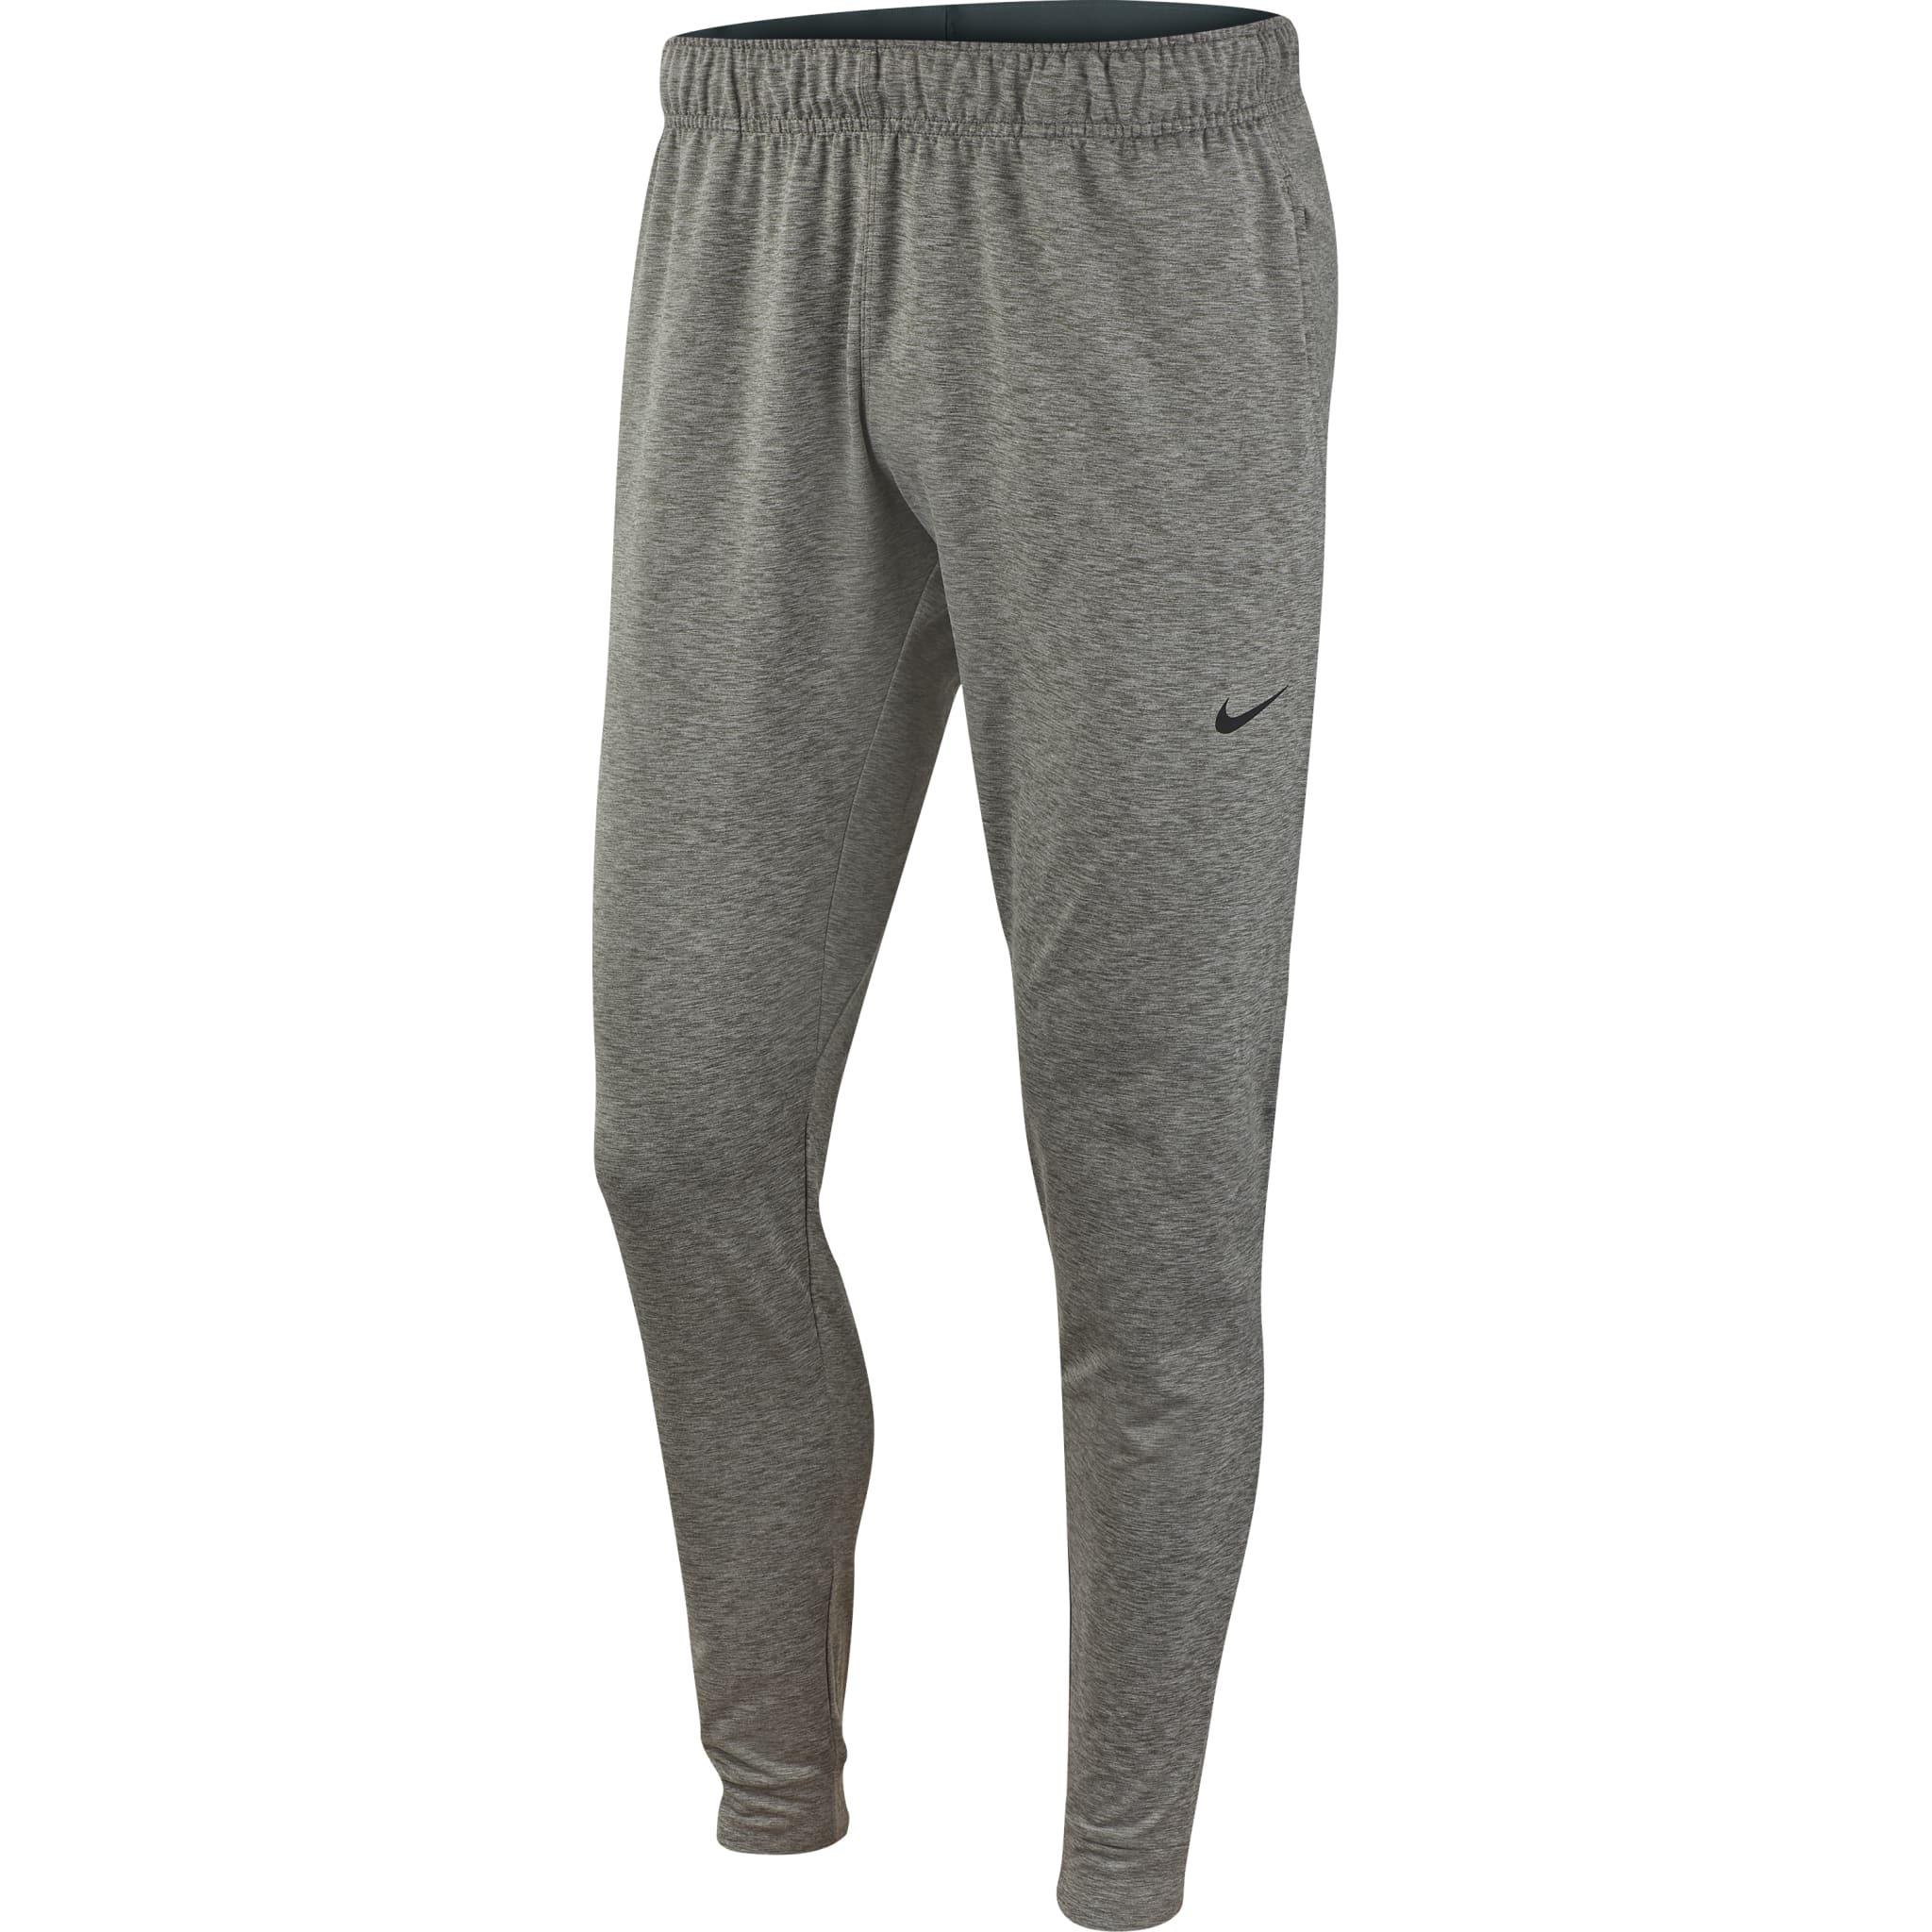 Hyper Dry Pants